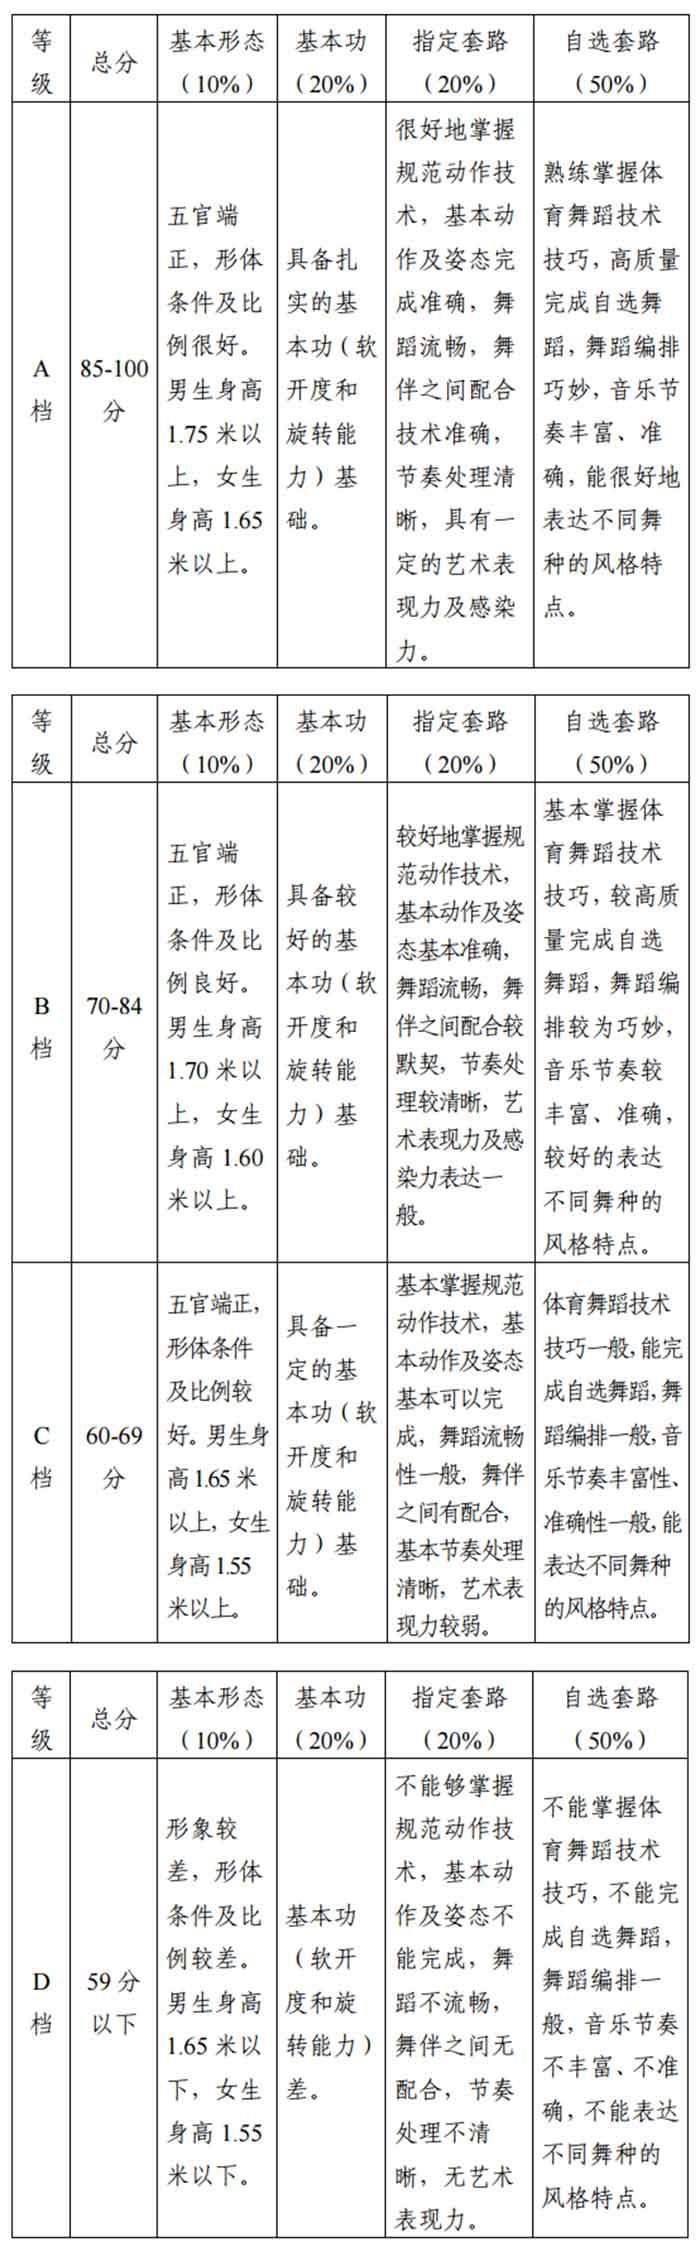 2018年天津市体育舞蹈专业统考考试大纲